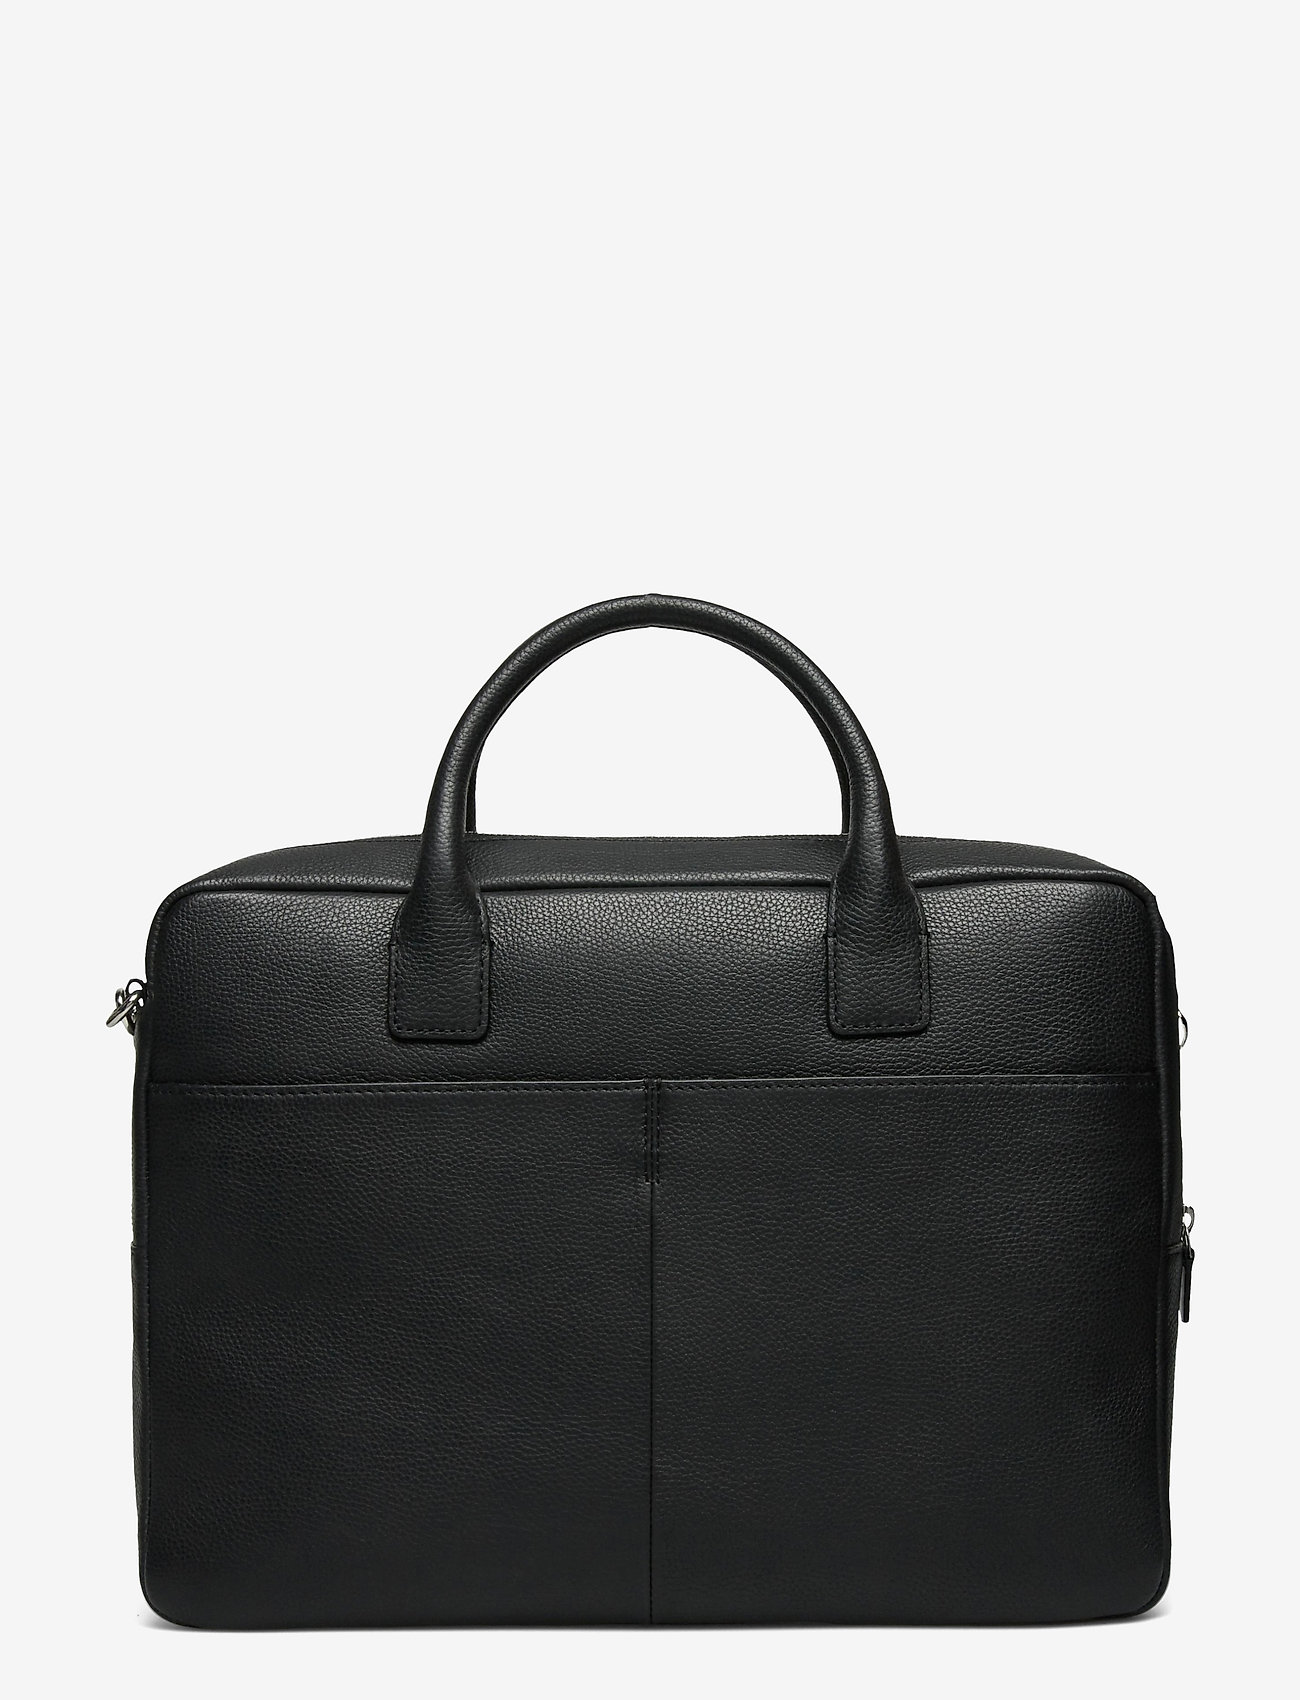 Tiger of Sweden - BECKHOLMEN - laptop bags - black - 1